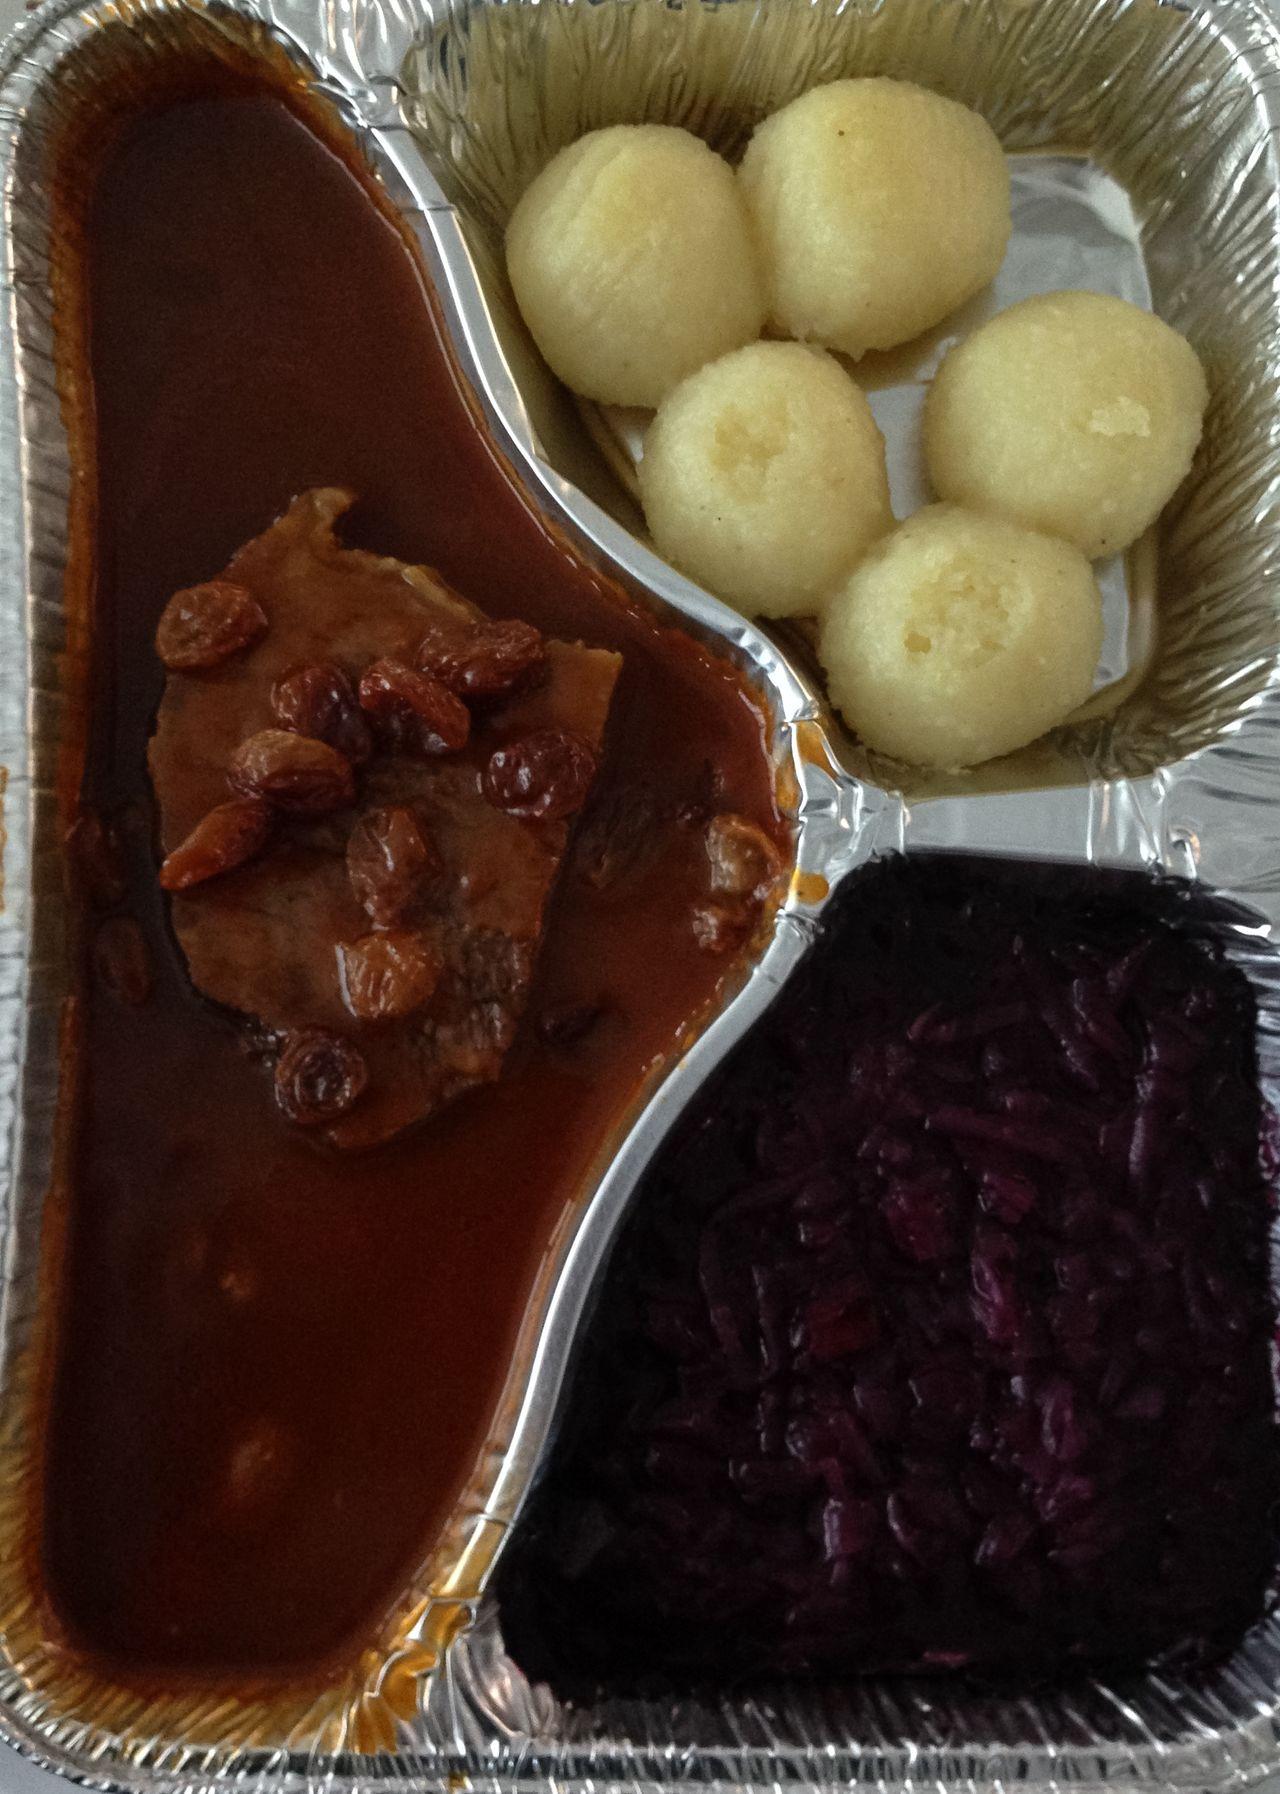 Klöße Rindfleisch Sauerbraten Rotkraut Und Knödel Rotkraut Mittagessen Assiette